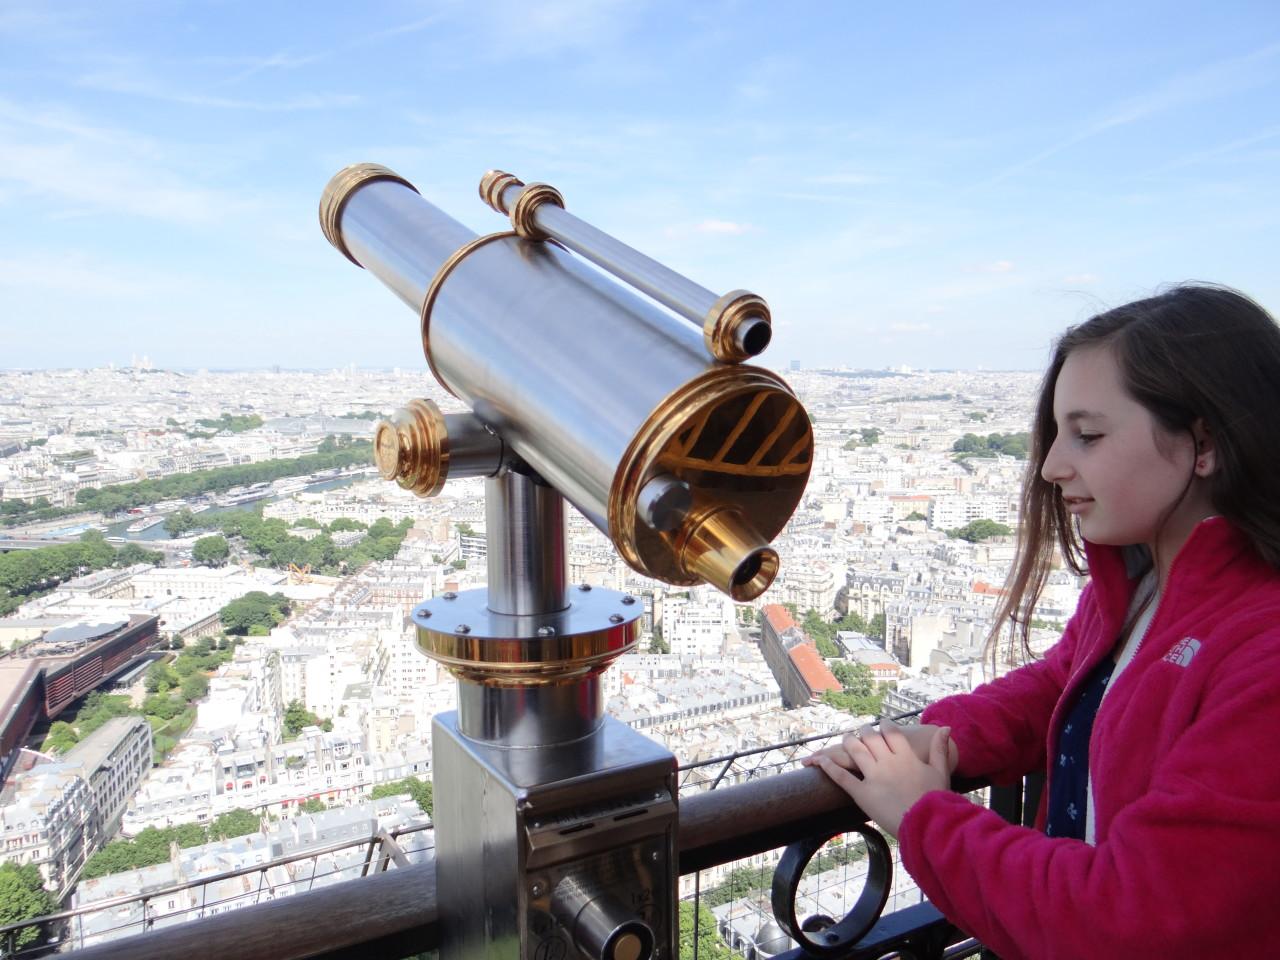 Tham quan tháp eiffel biểu tượng nước pháp